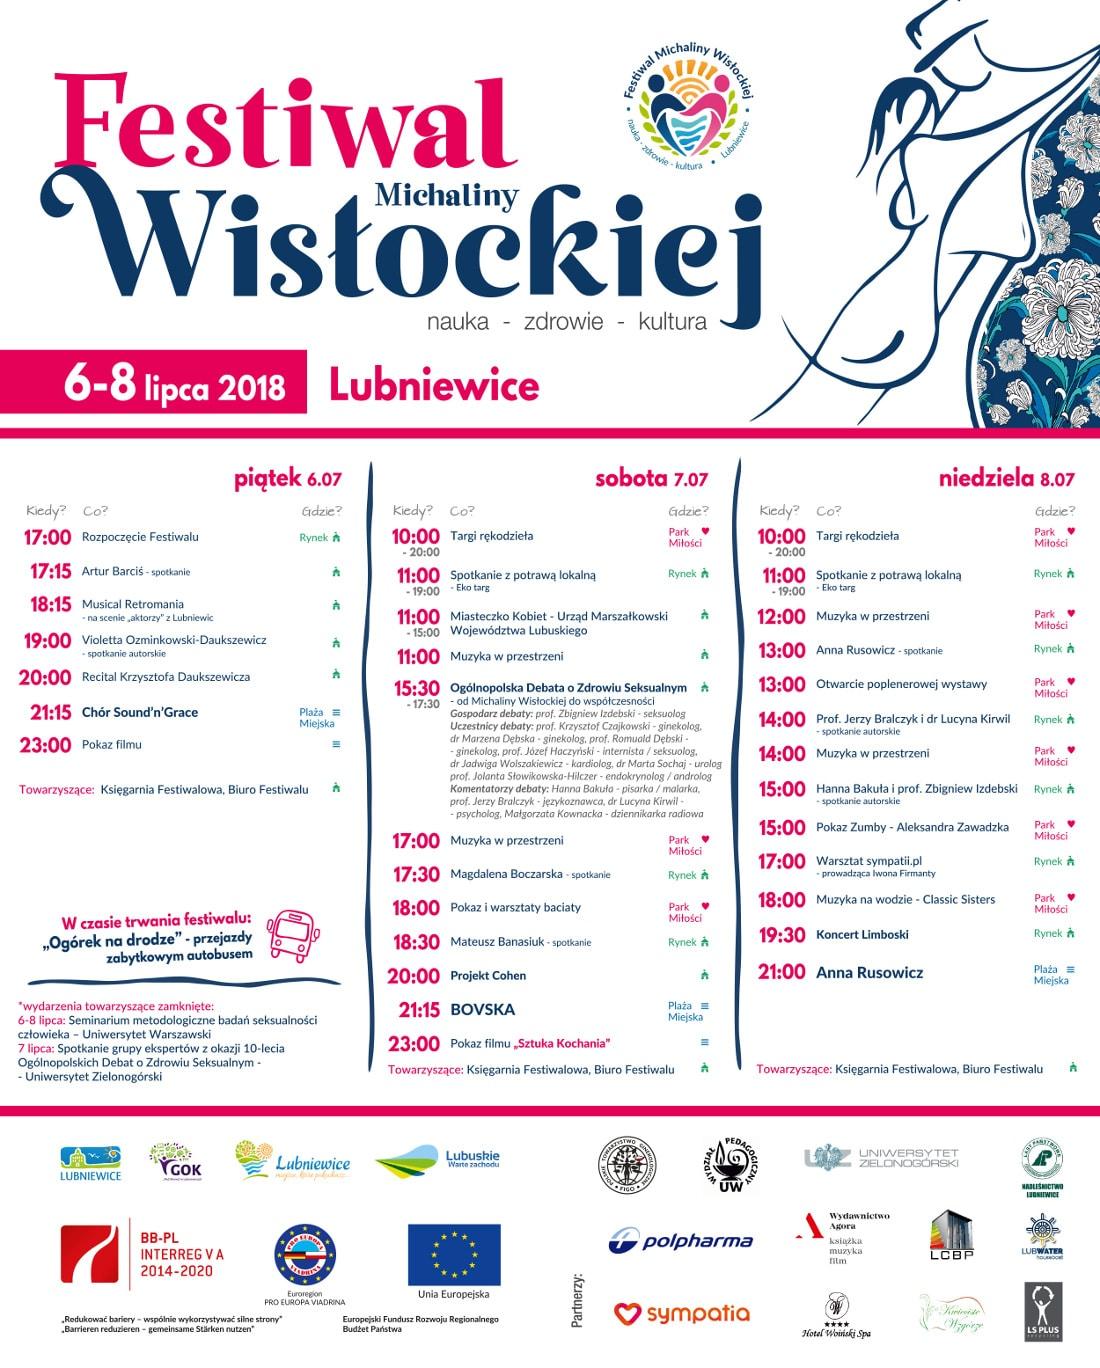 Festiwal Michaliny Wisłockiej odbędzie się w dniach 6-8 lipca 2018 roku.